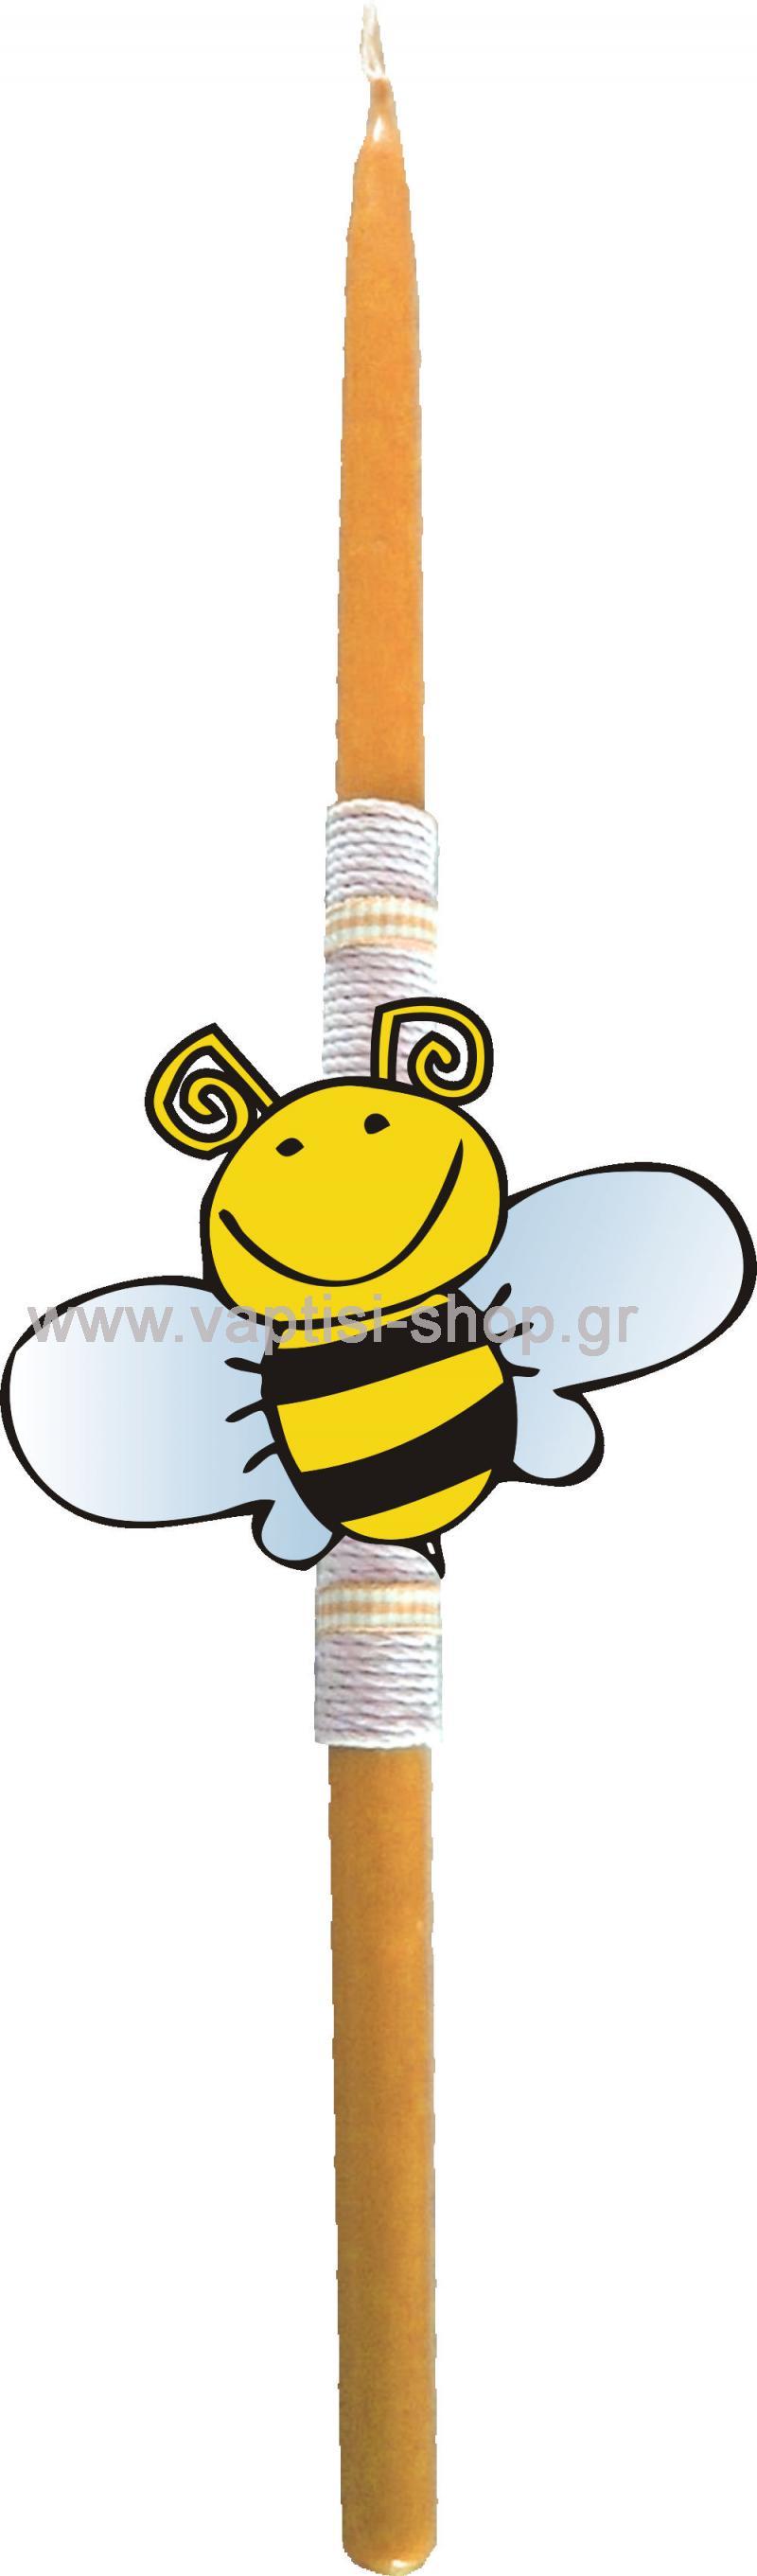 Πασχαλινή Λαμπάδα Μελισσούλα